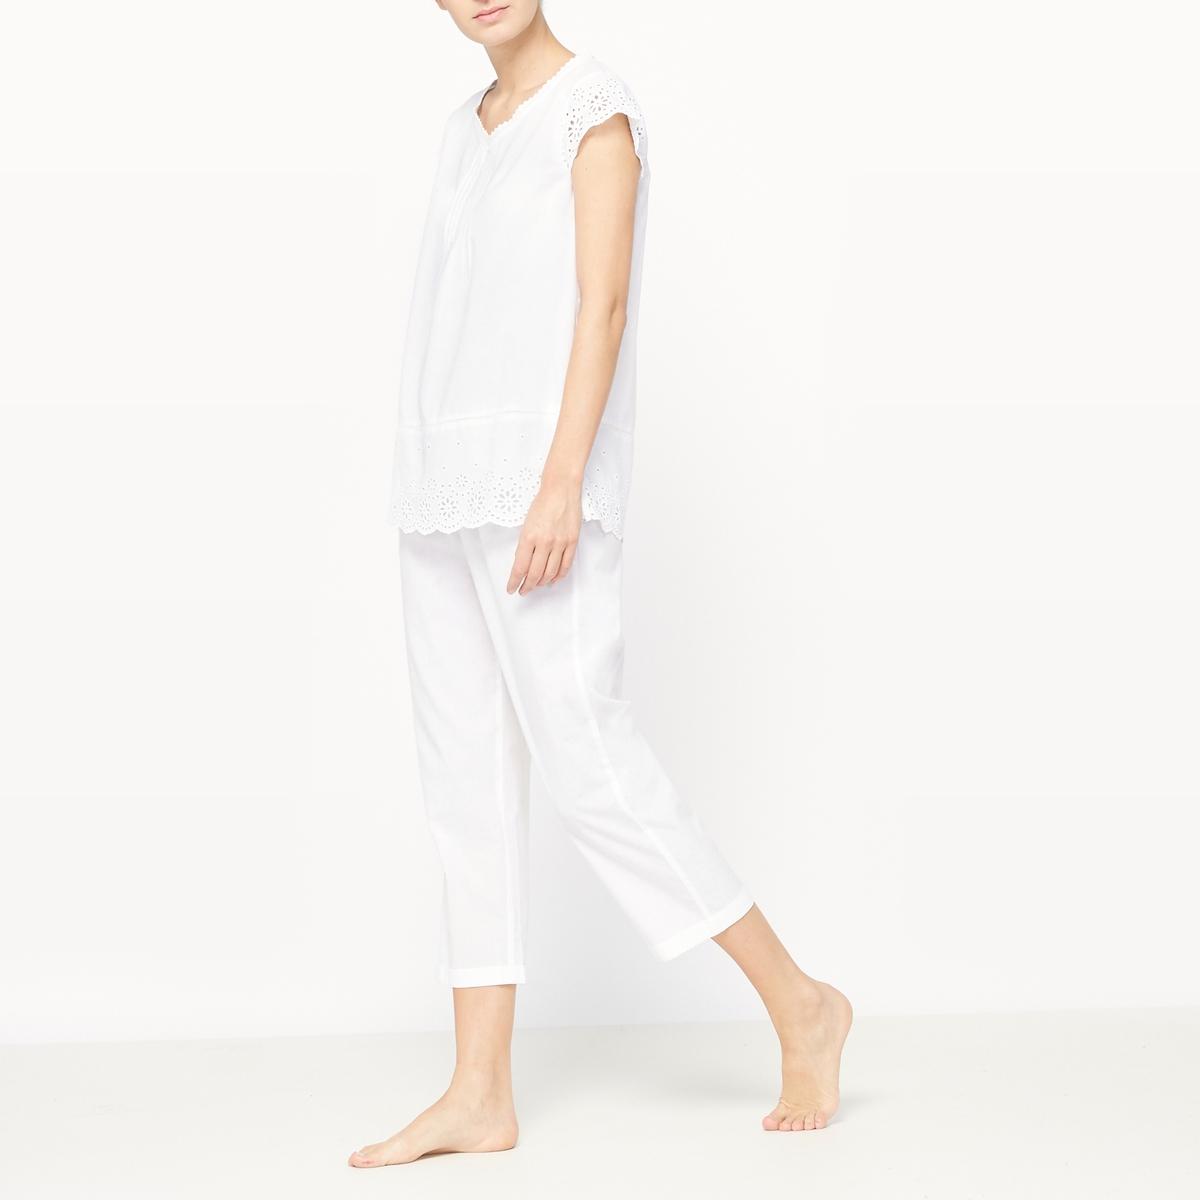 Пижама с укороченными брюкамиКомфортная пижама с укороченными брюками для стиля, неподвластного времени! Футболка с короткими рукавами и вставками из кружева на рукавах, вырезе и по низу. Неглубокий V-образный вырез. Укороченные брюки с эластичным поясом.                     Состав и описание :  Материал          100% хлопокДлина футболки 65 смДлина по внутр.шву    51 смМарка          Louise MarnayУход :Машинная стирка при 40 °С с вещами схожих цветов.Стирать и гладить с изнаночной стороны.Машинная сушка в умеренном режиме.Гладить при умеренной температуре.<br><br>Цвет: белый<br>Размер: 48 (FR) - 54 (RUS).44 (FR) - 50 (RUS).42 (FR) - 48 (RUS).38 (FR) - 44 (RUS)